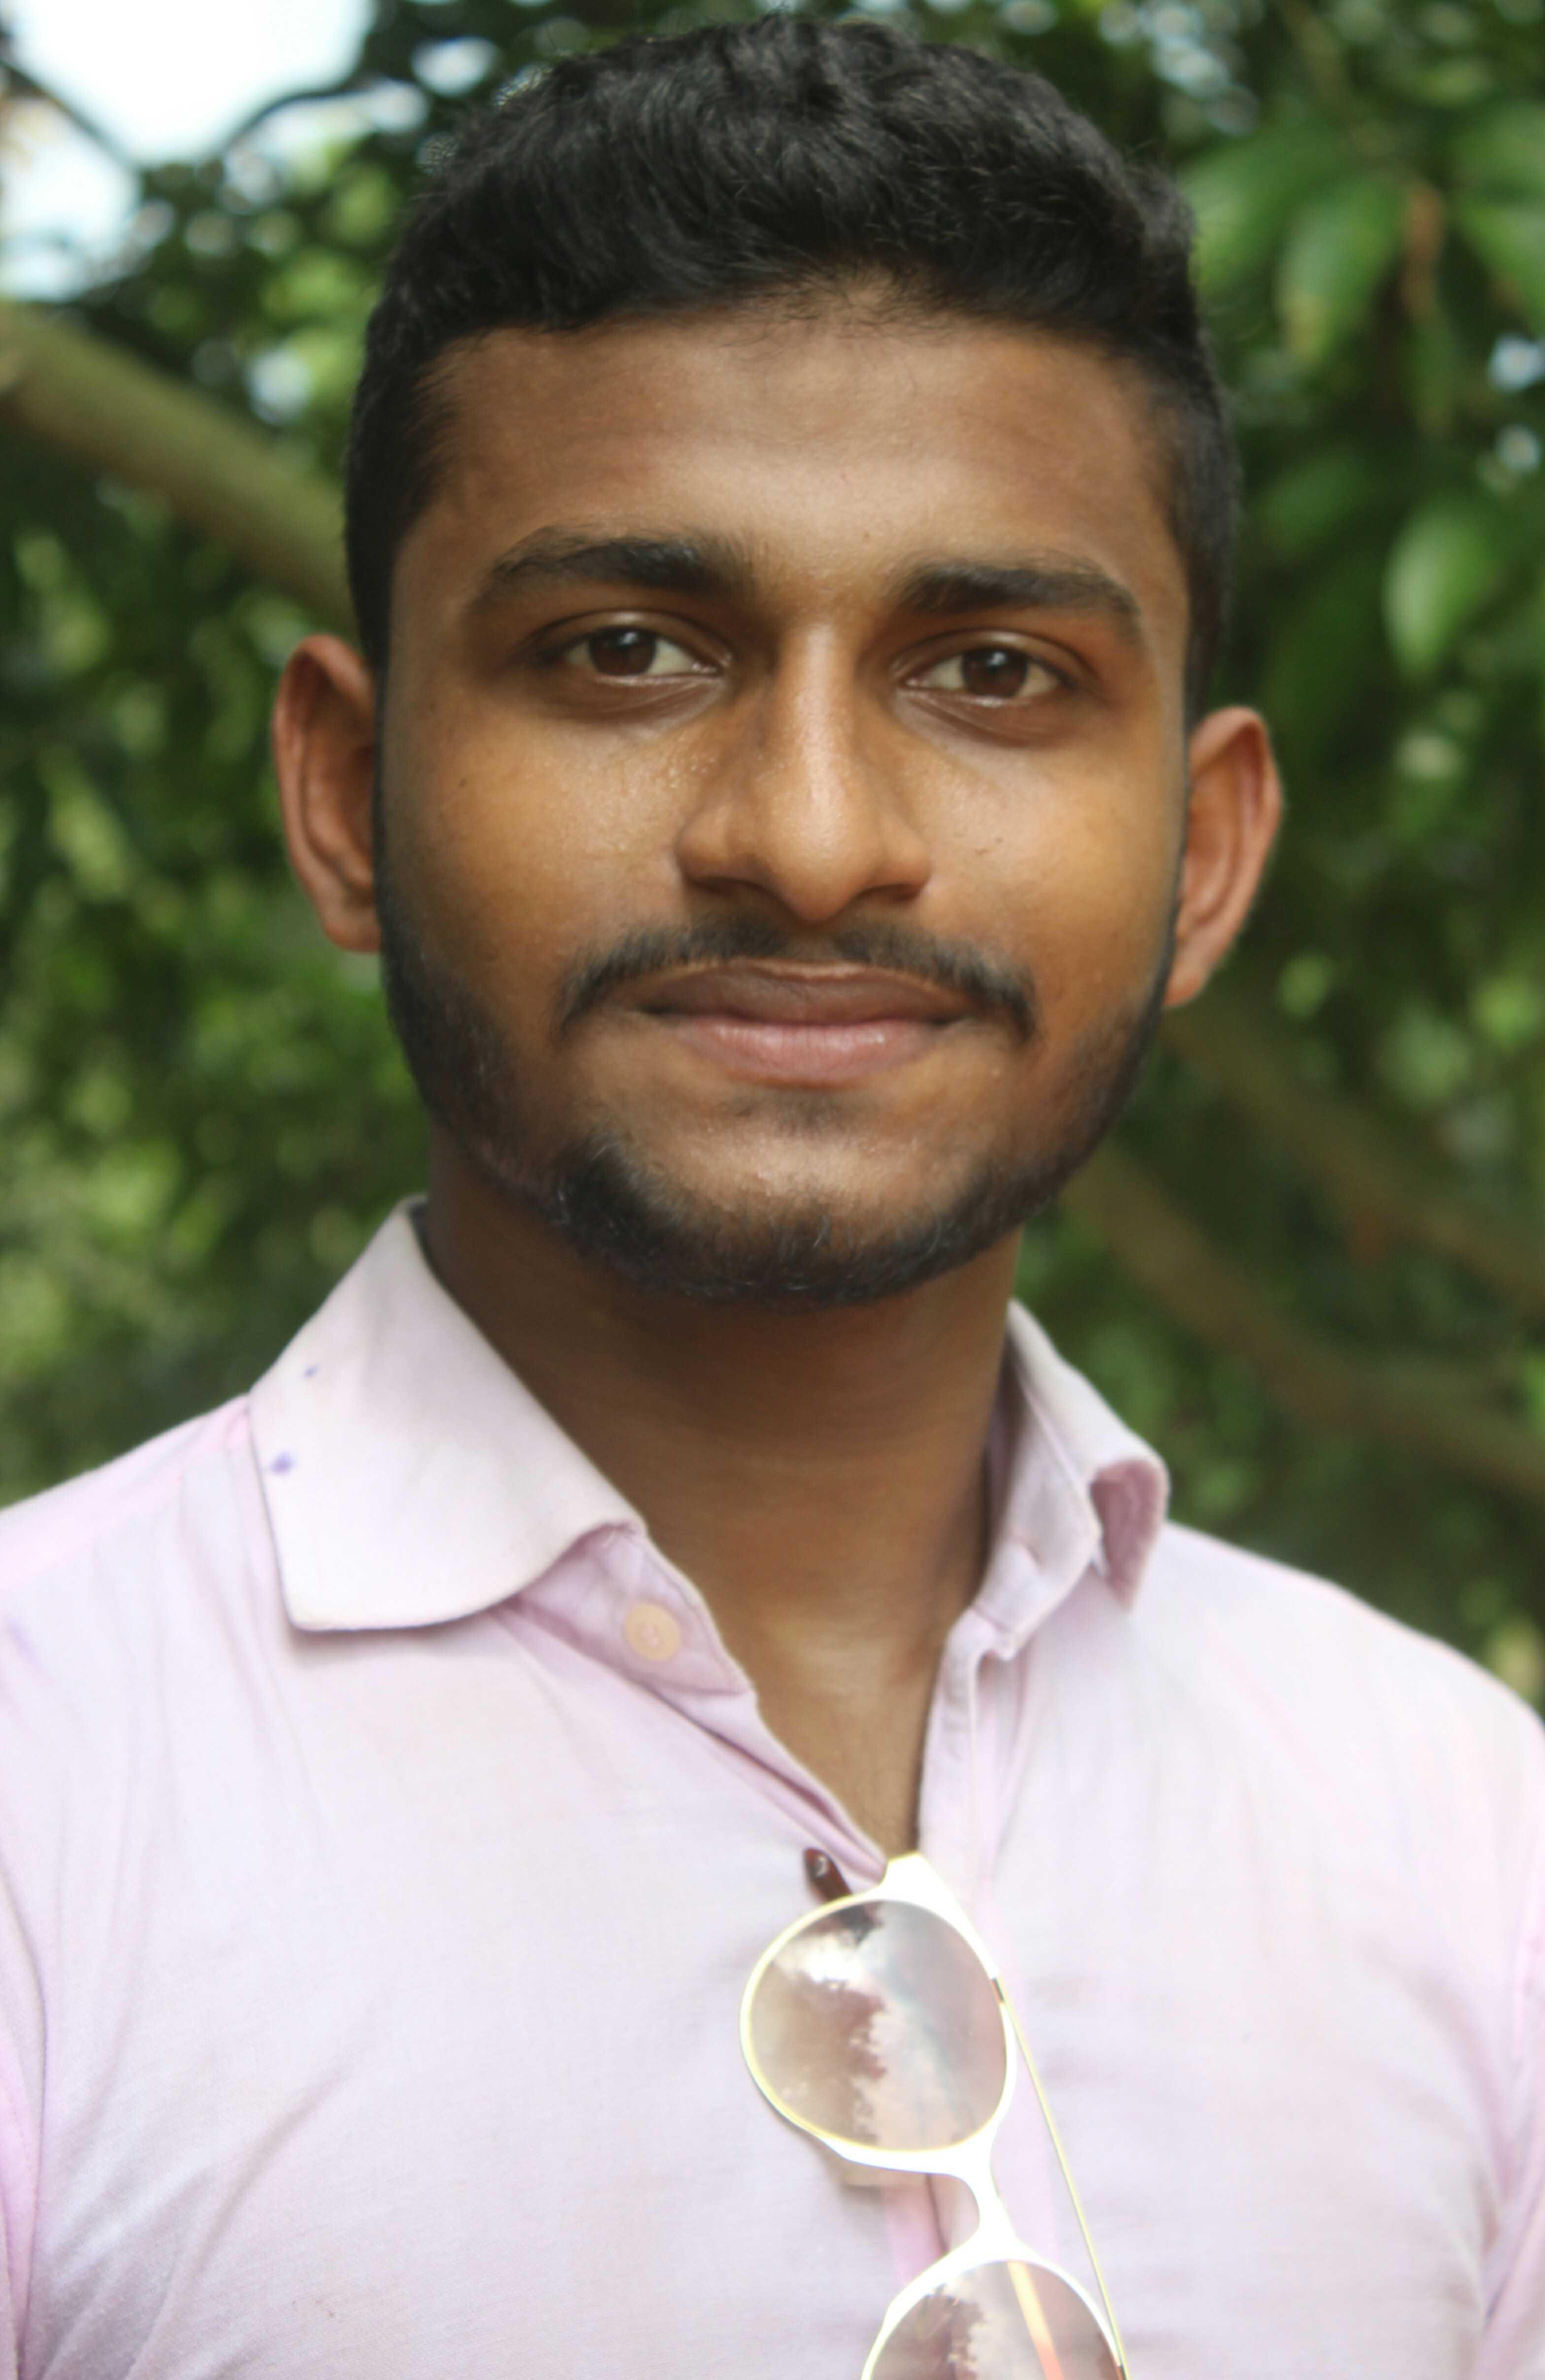 Md Shihabul Islam Tanin